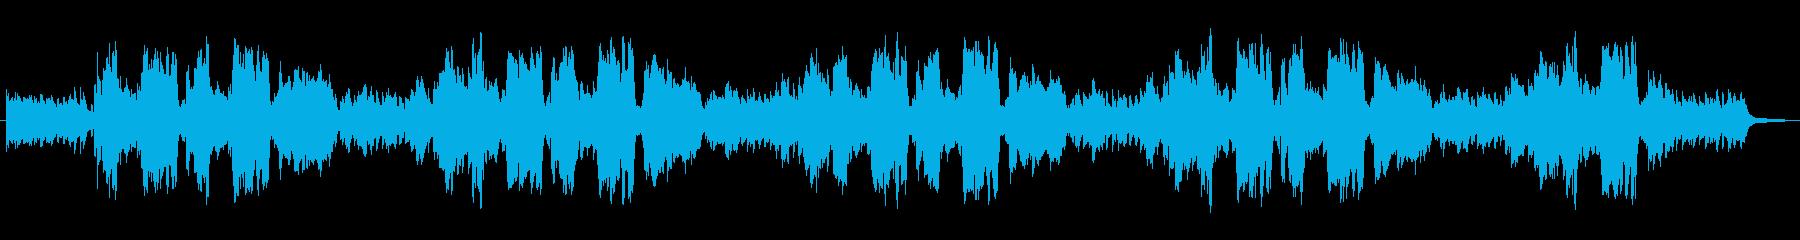 生演奏リコーダーとピアノの爽やかなBGMの再生済みの波形